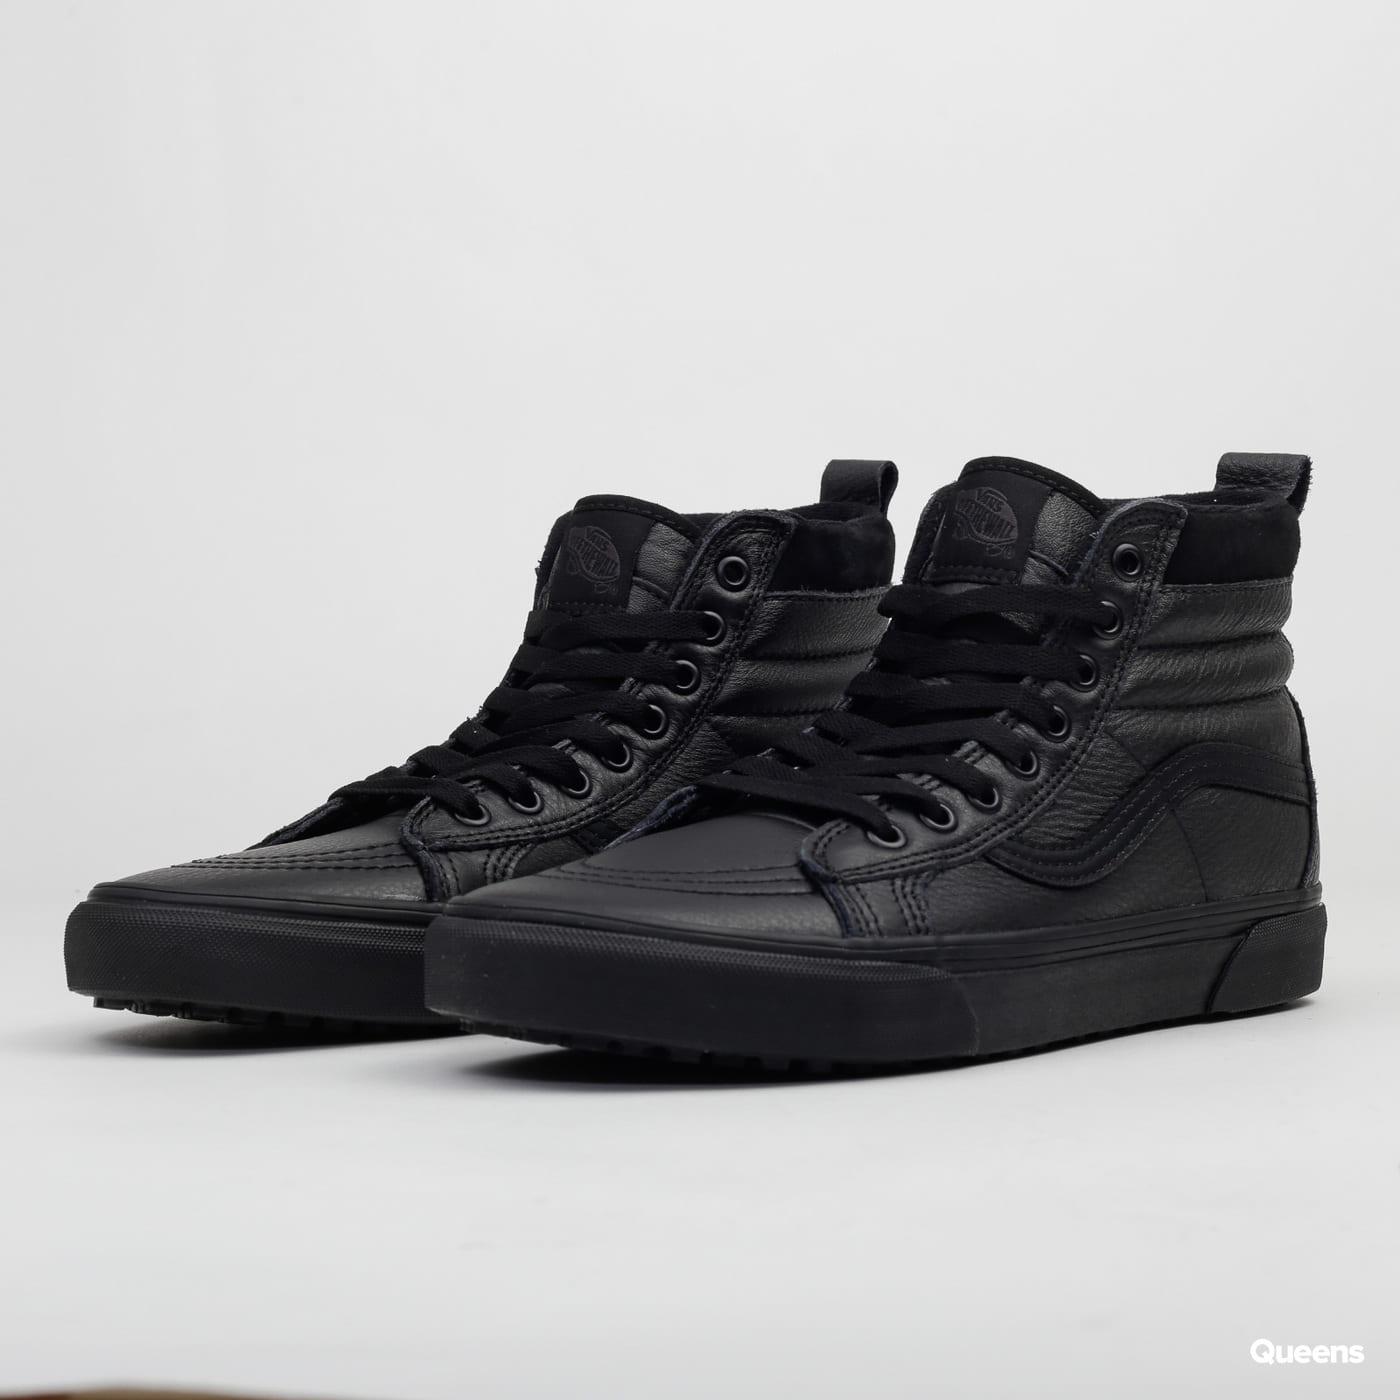 Vans Sk8-Hi MTE (mte) leather / black